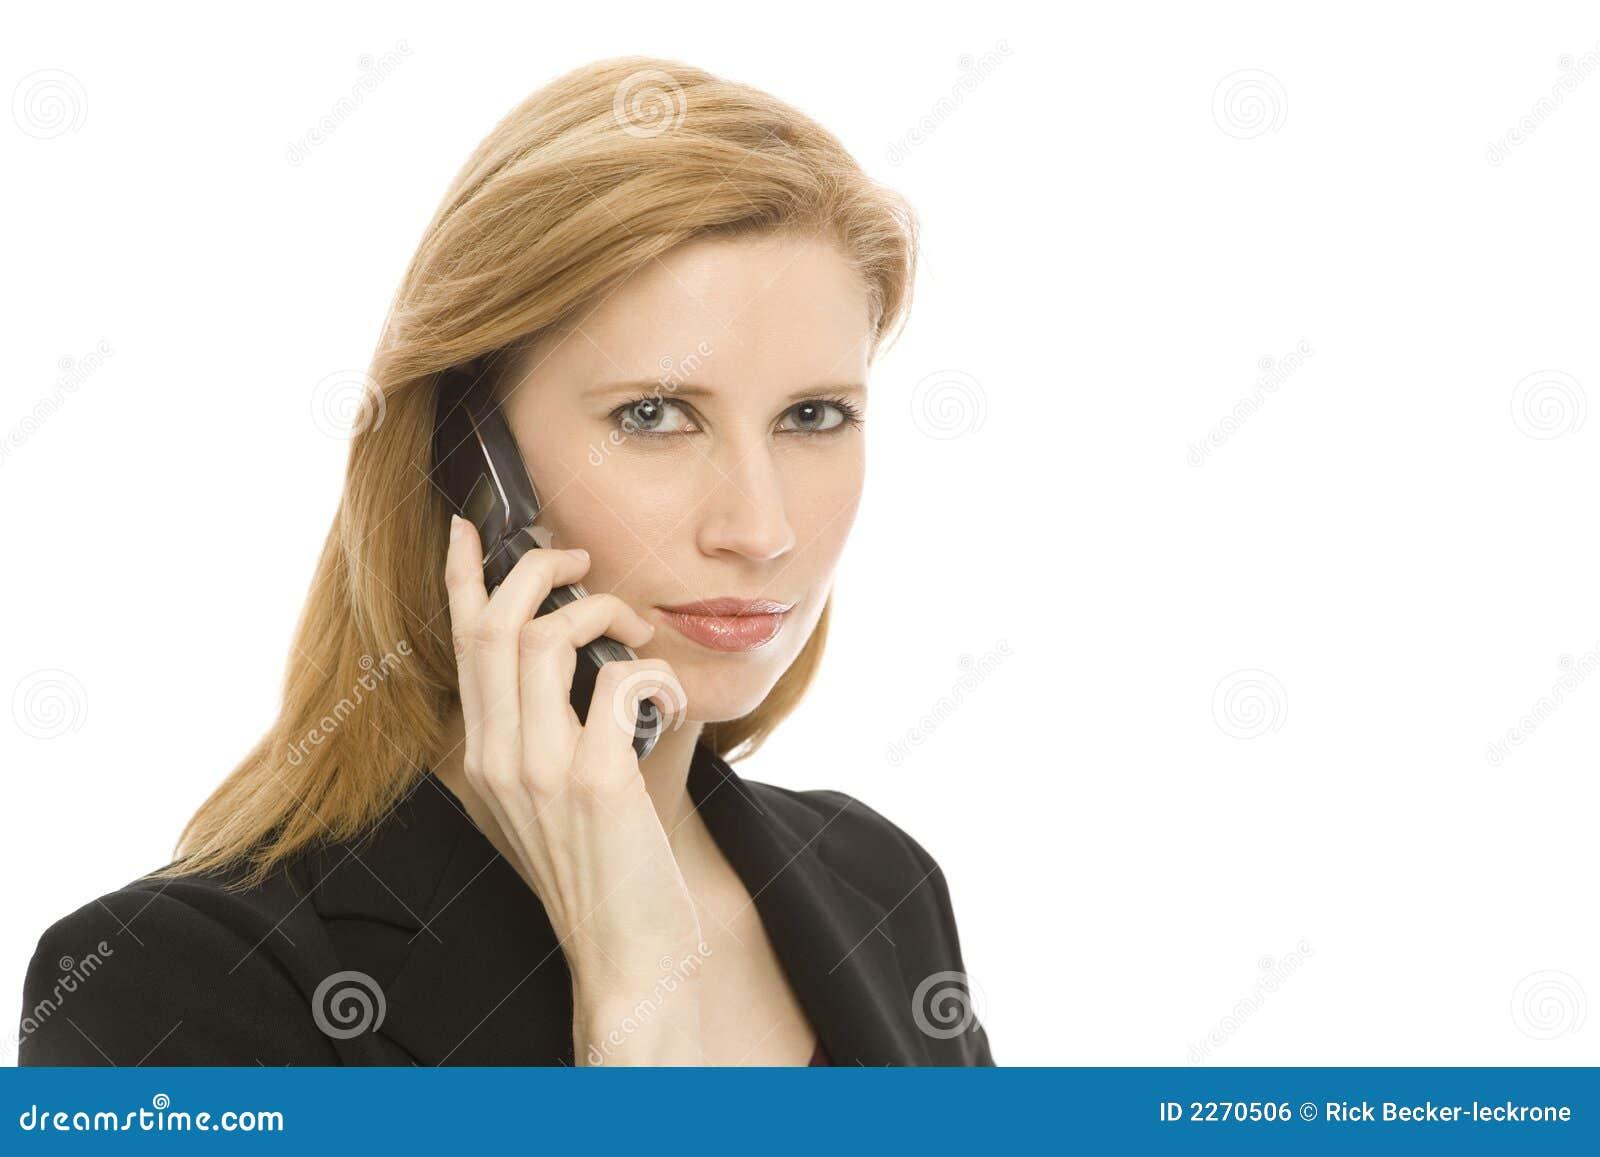 Rencontre femme avec tel portable